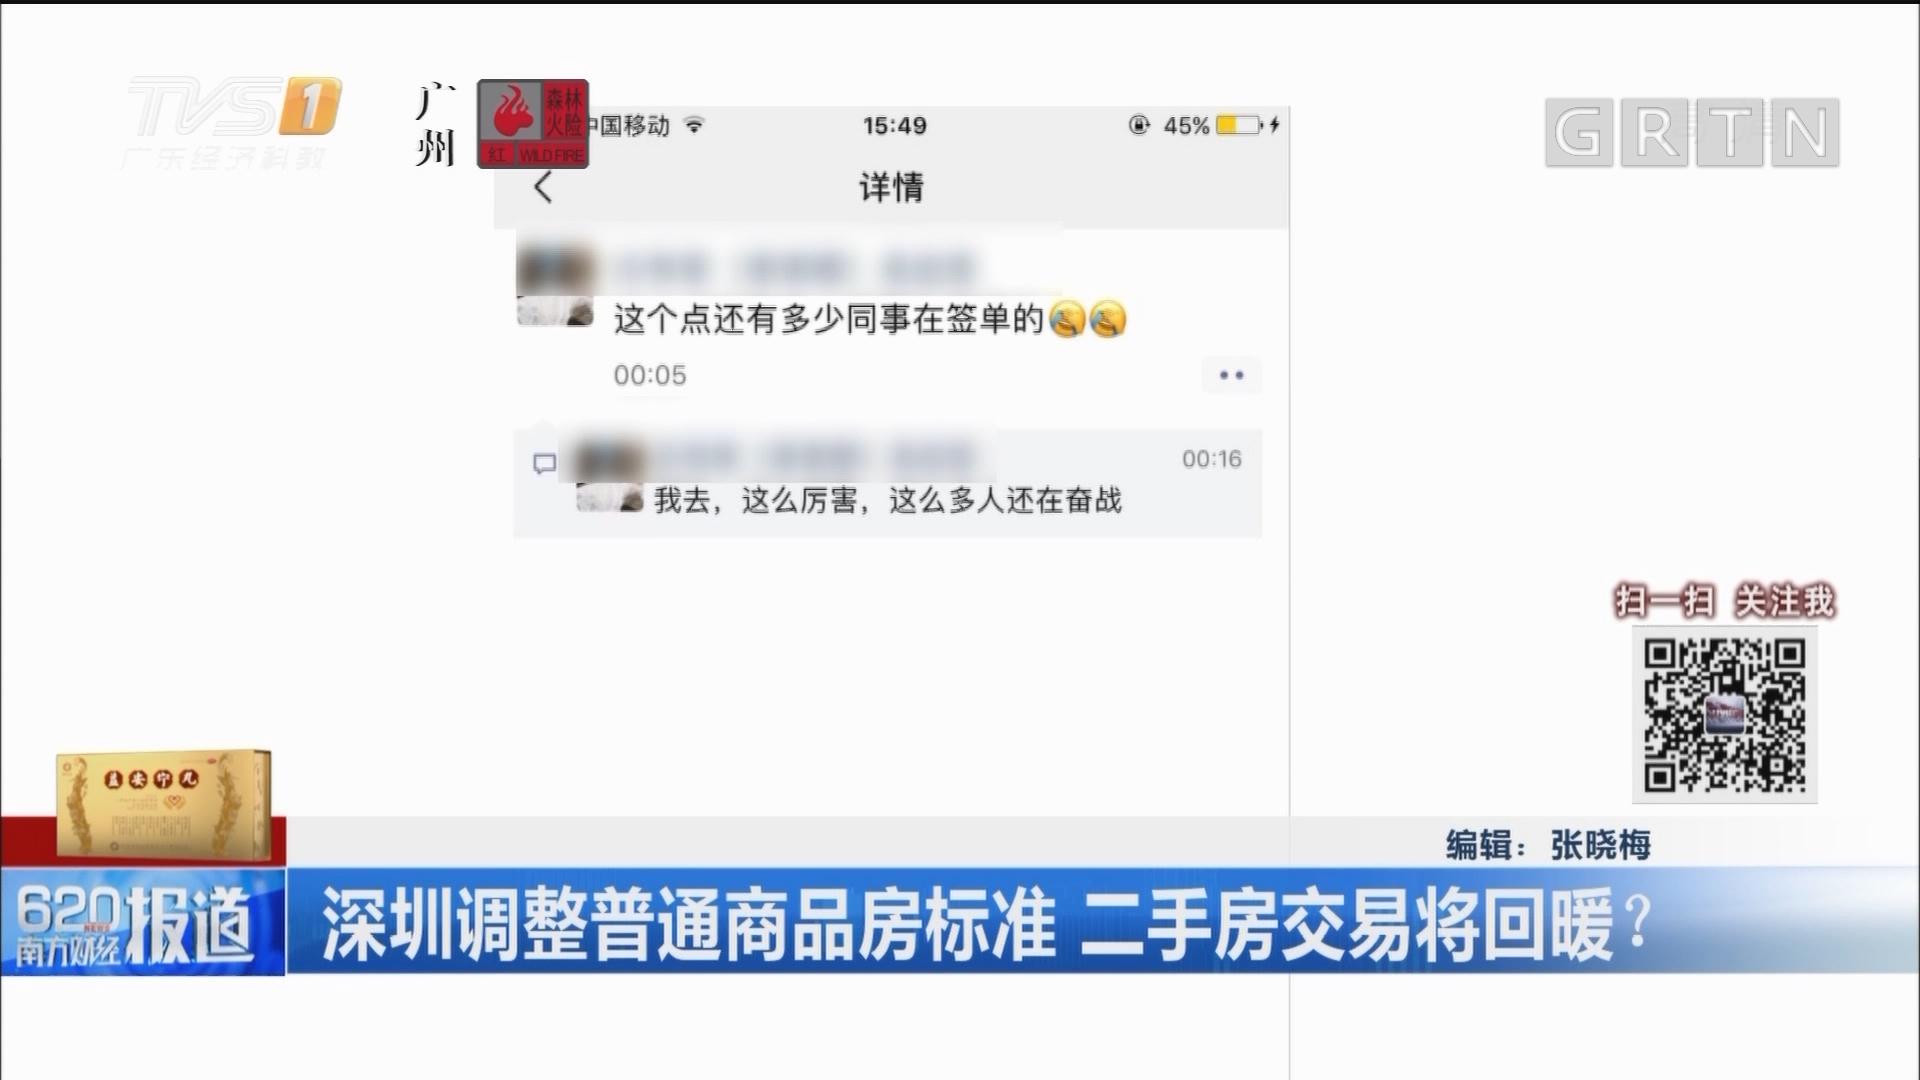 深圳調整普通商品房標準 二手房交易將回暖?